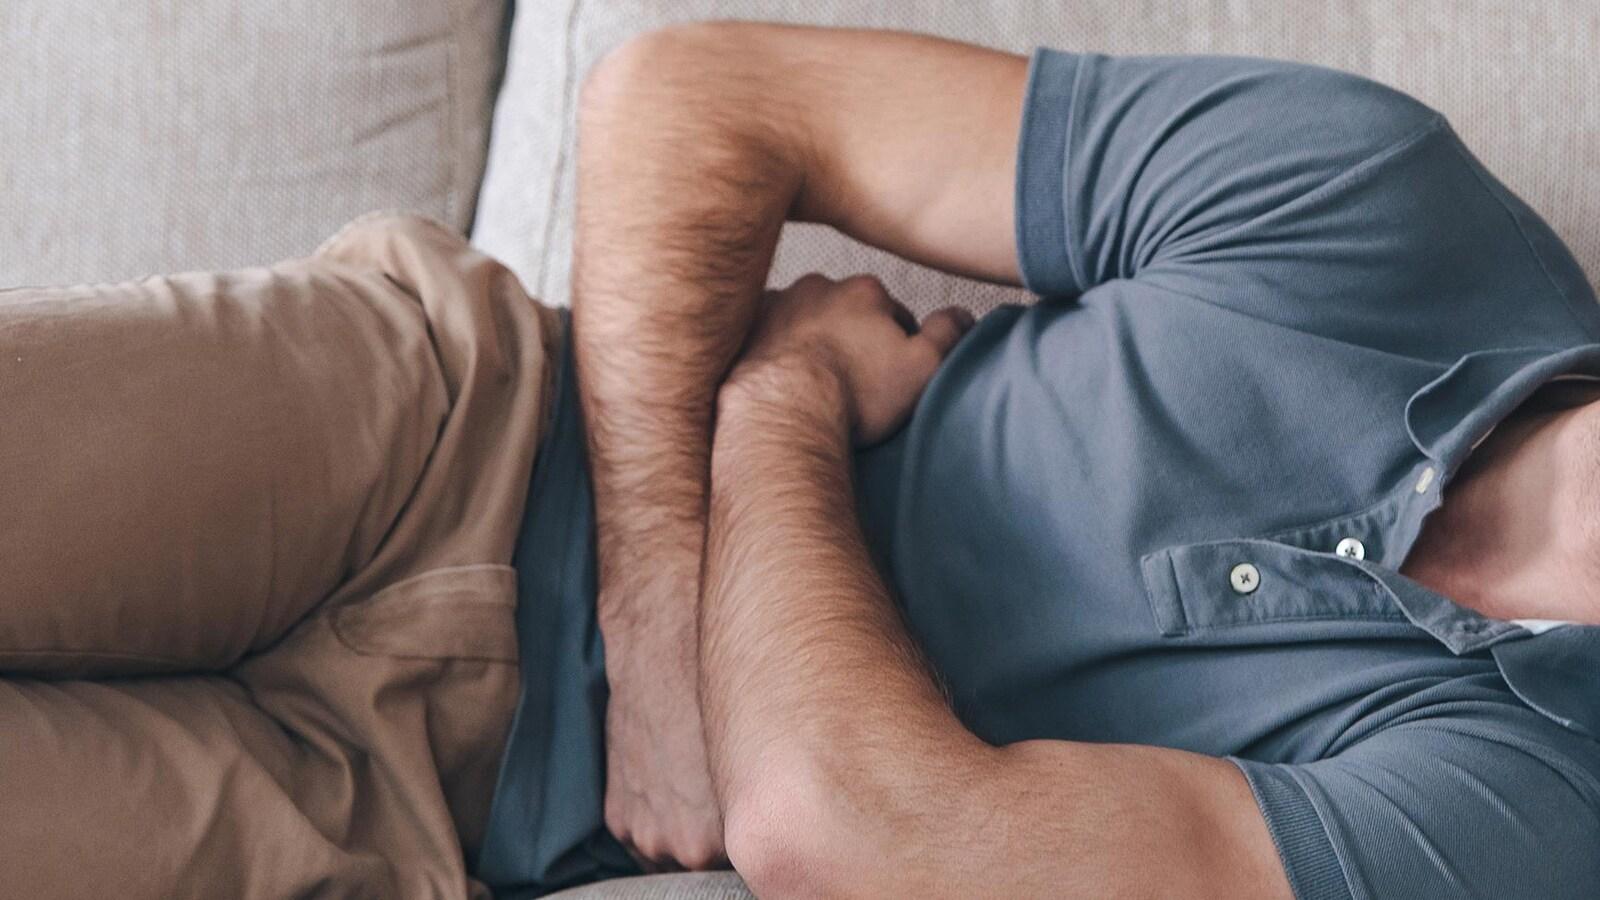 Un homme couché se tient le ventre et semble avoir mal.